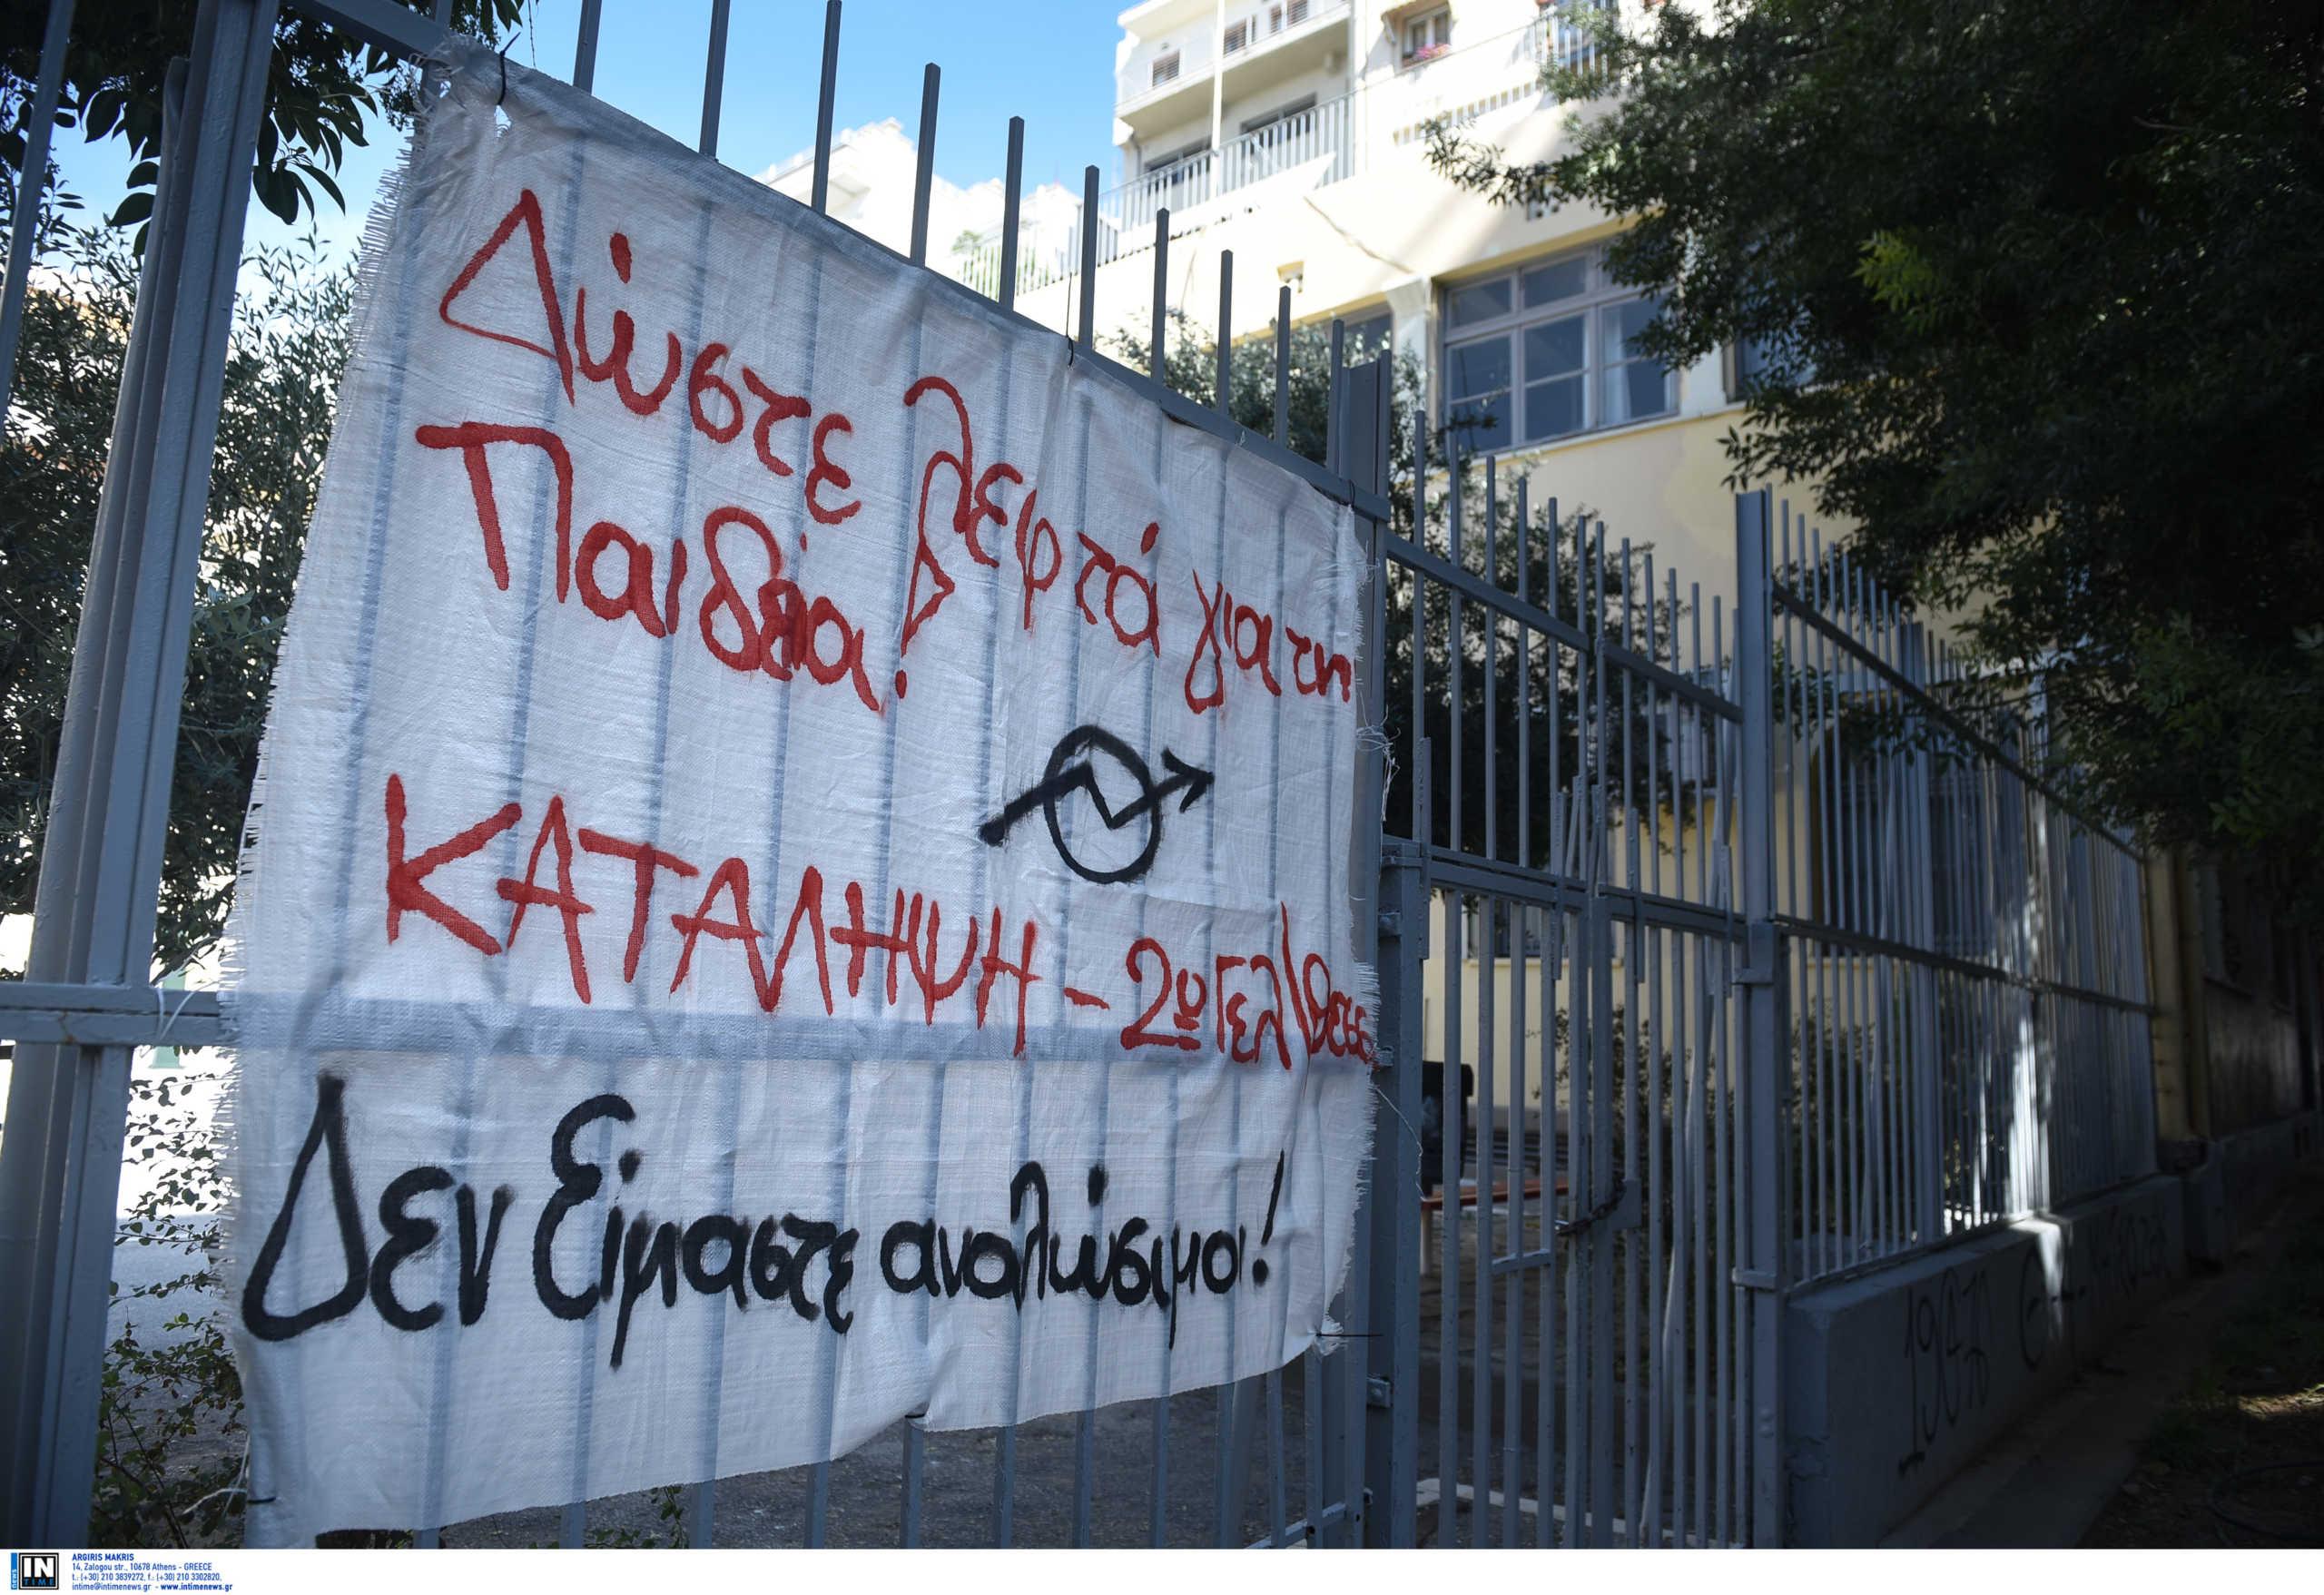 Μαθητές για καταλήψεις: Εκβιαστική η στάση της υπουργού Παιδείας και θα συνεχίσουμε